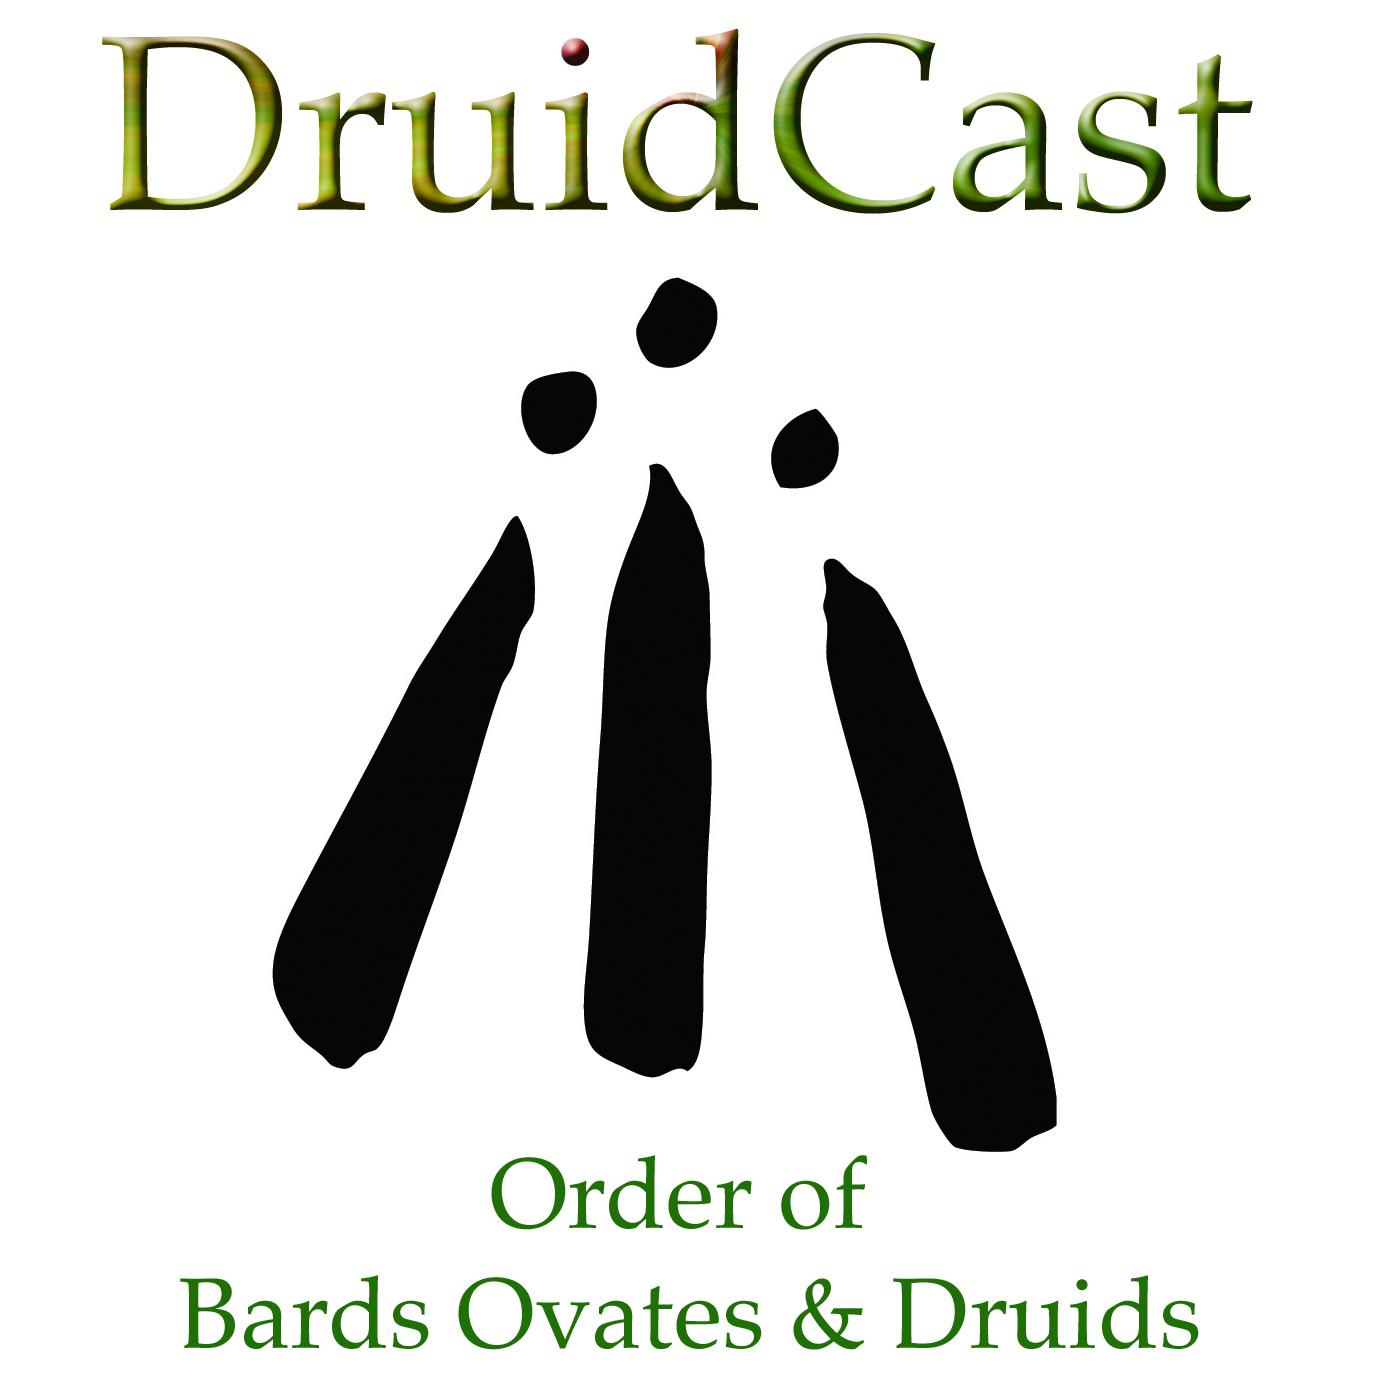 DruidCast - A Druid Podcast Episode 164 show art